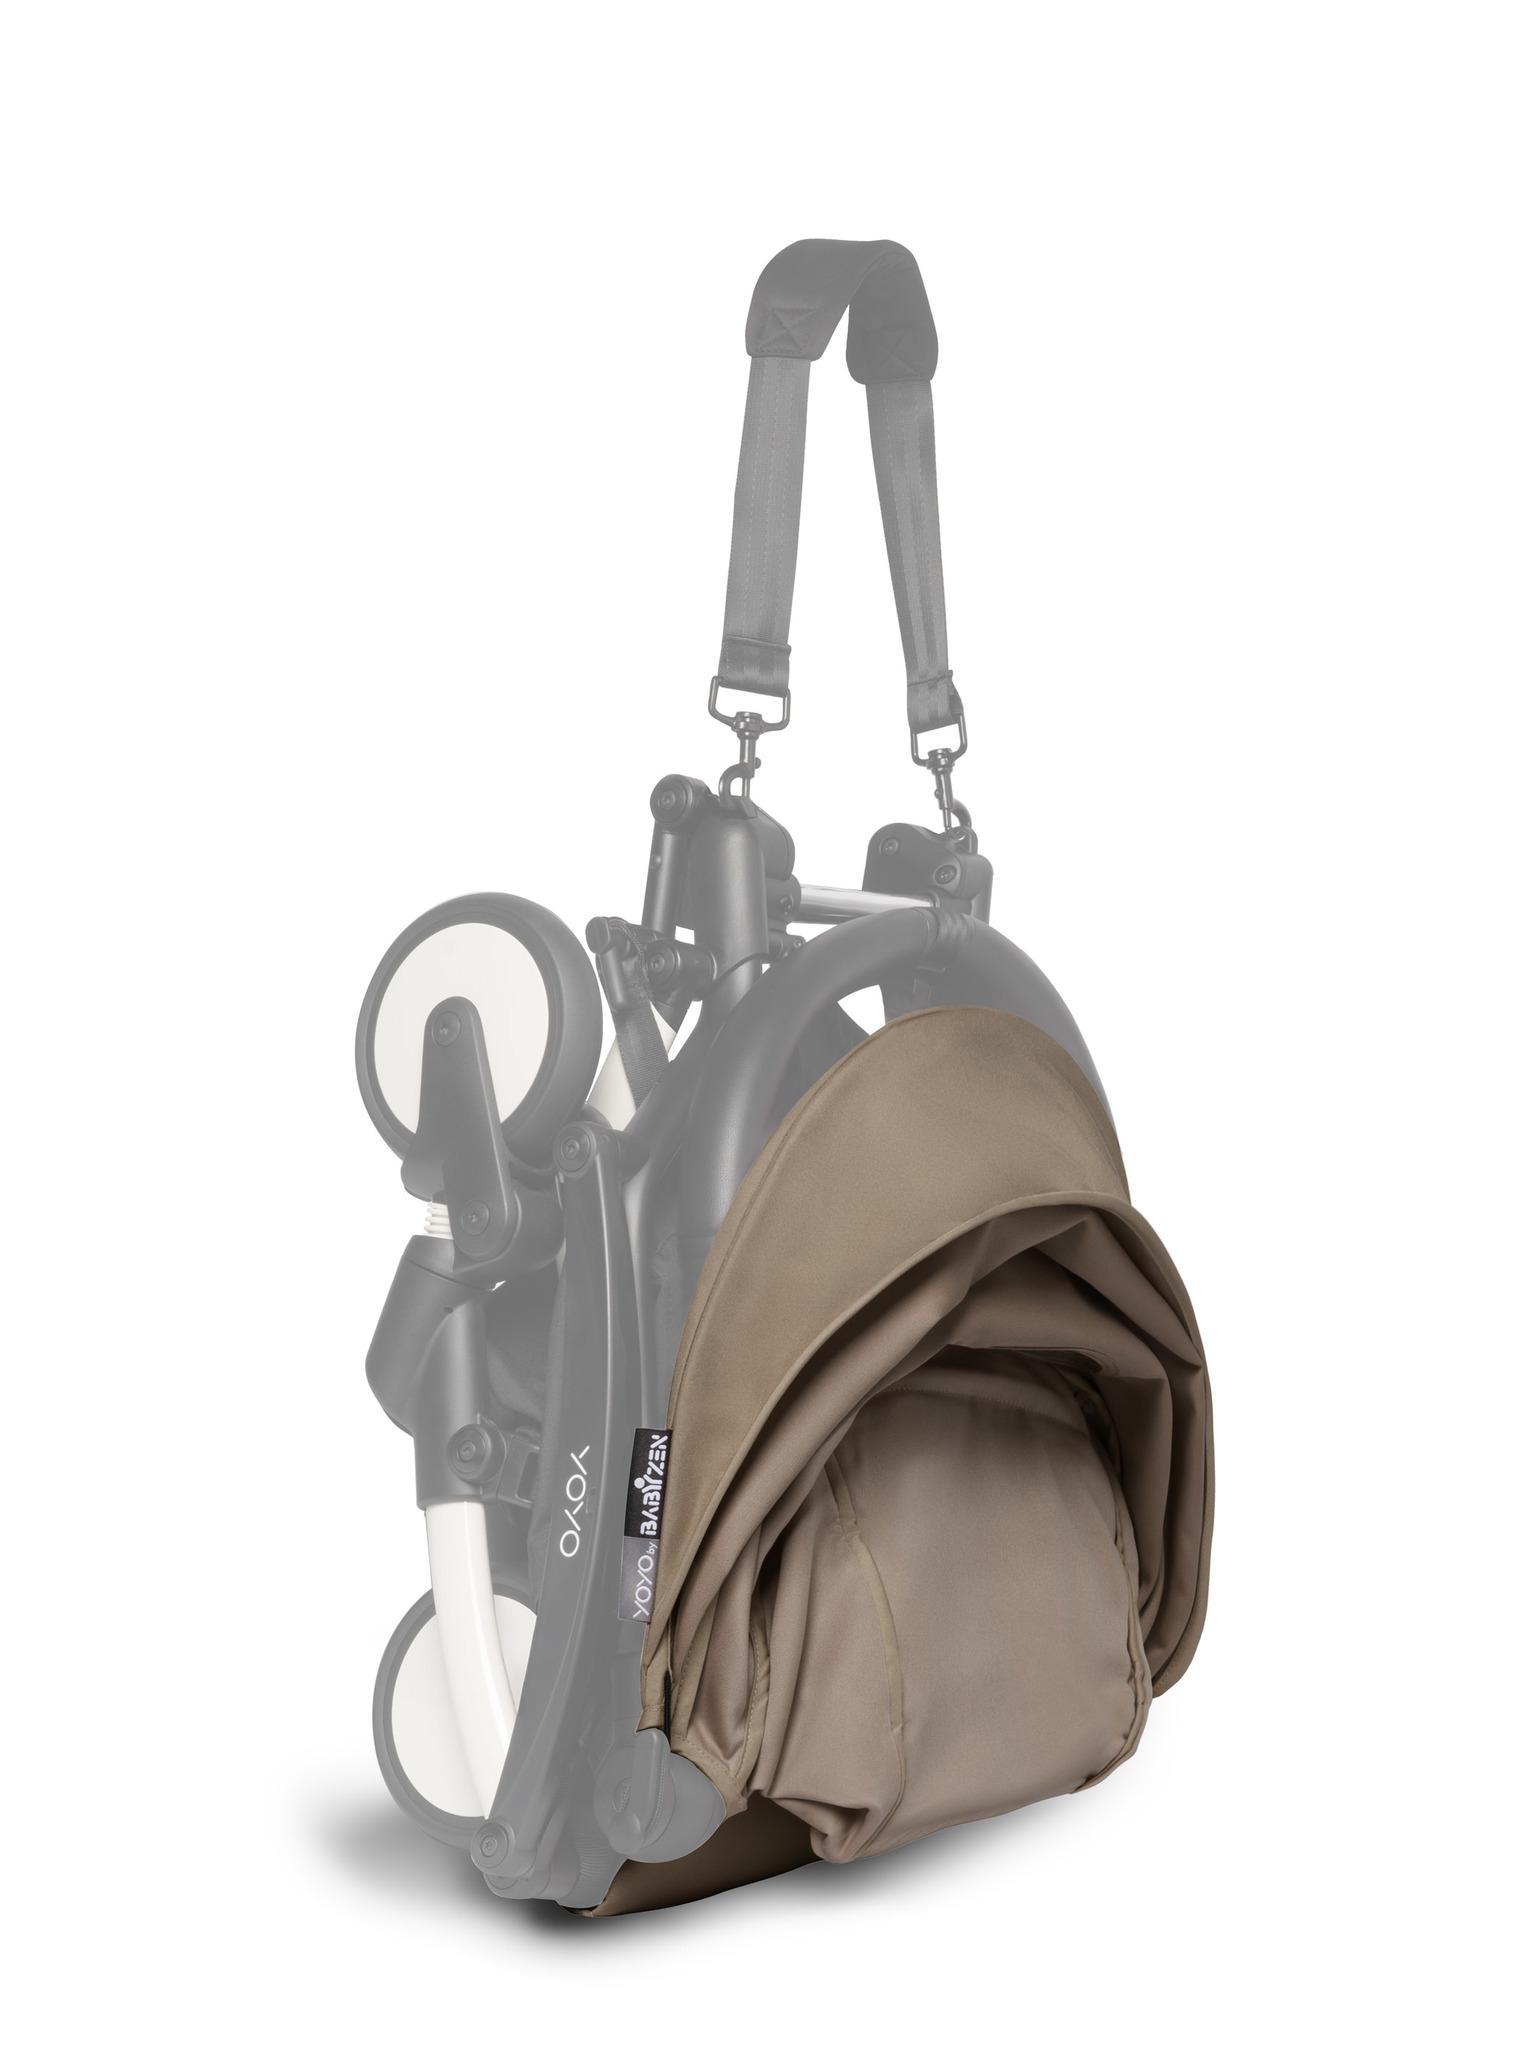 Текстиль сменный для колясок YOYO 6+ Taupe Кротовое